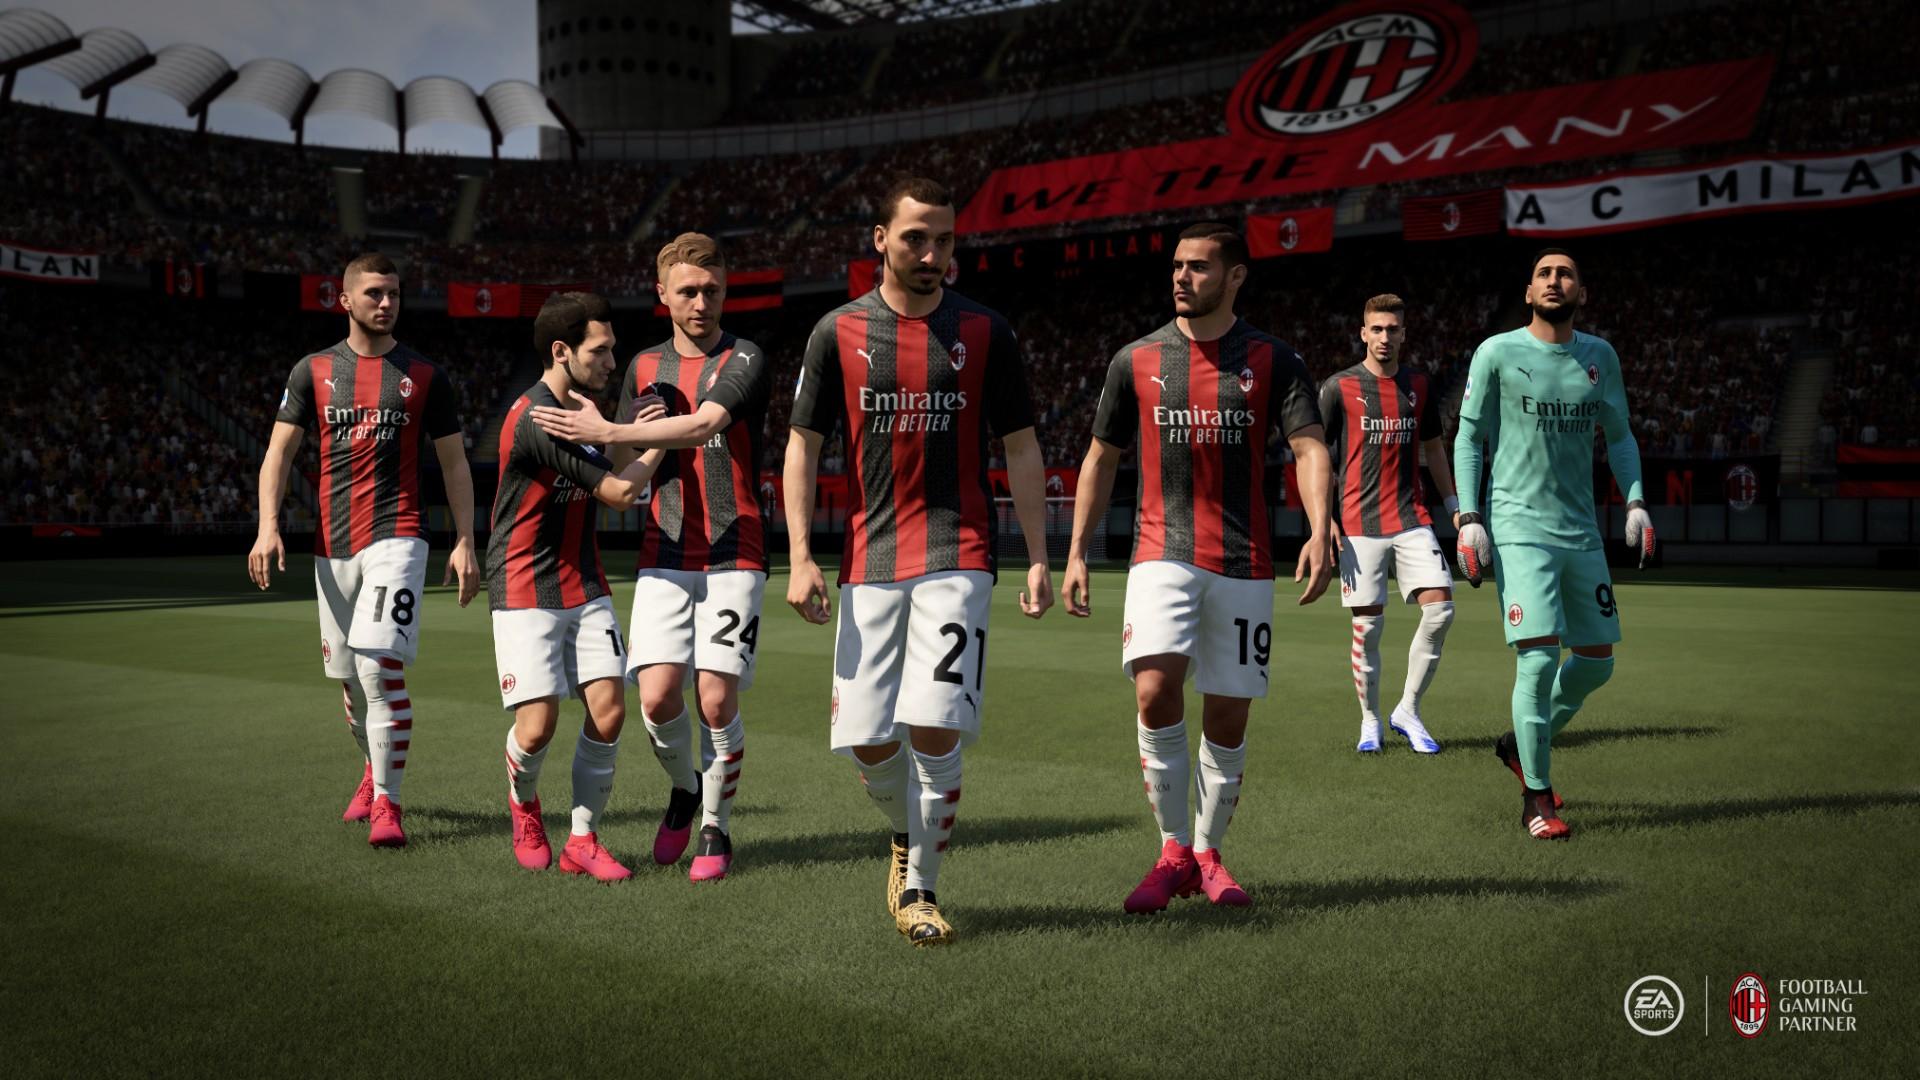 Fifa 21 Neue Videos Zu Inter Mailand Und Ac Milan Erster Gameplay Trailer Heute